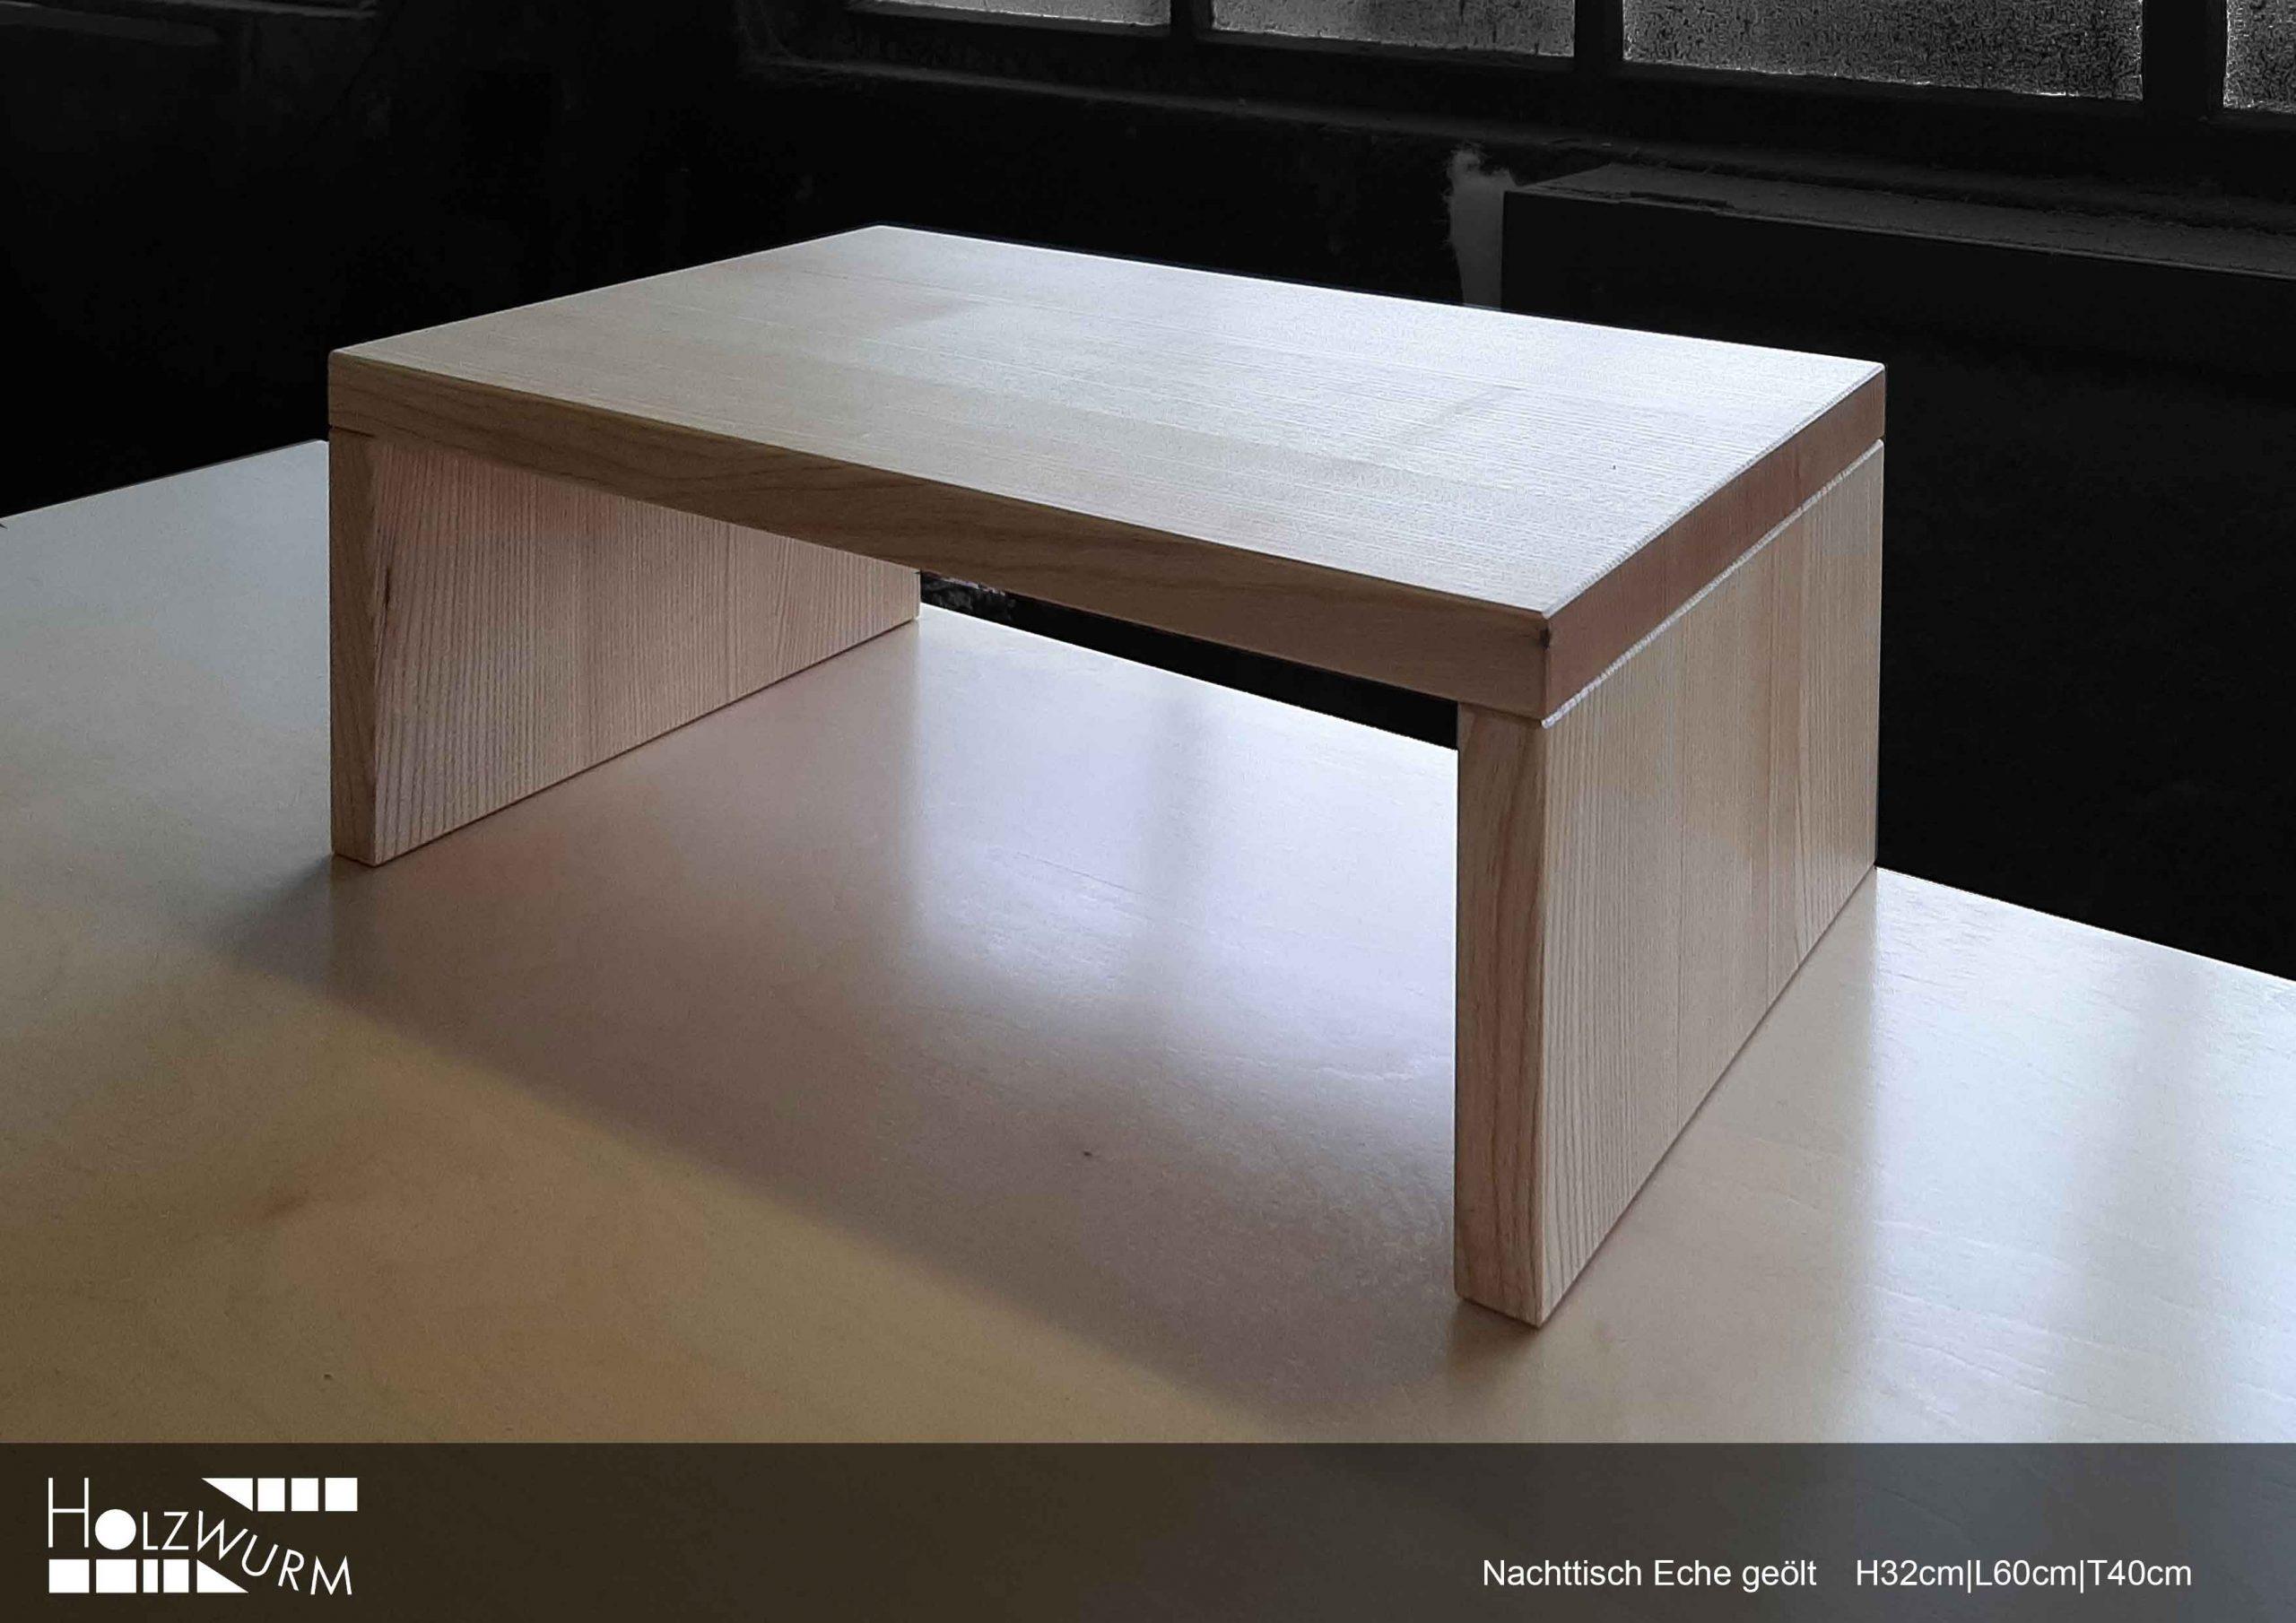 Nachttisch in Esche geölt